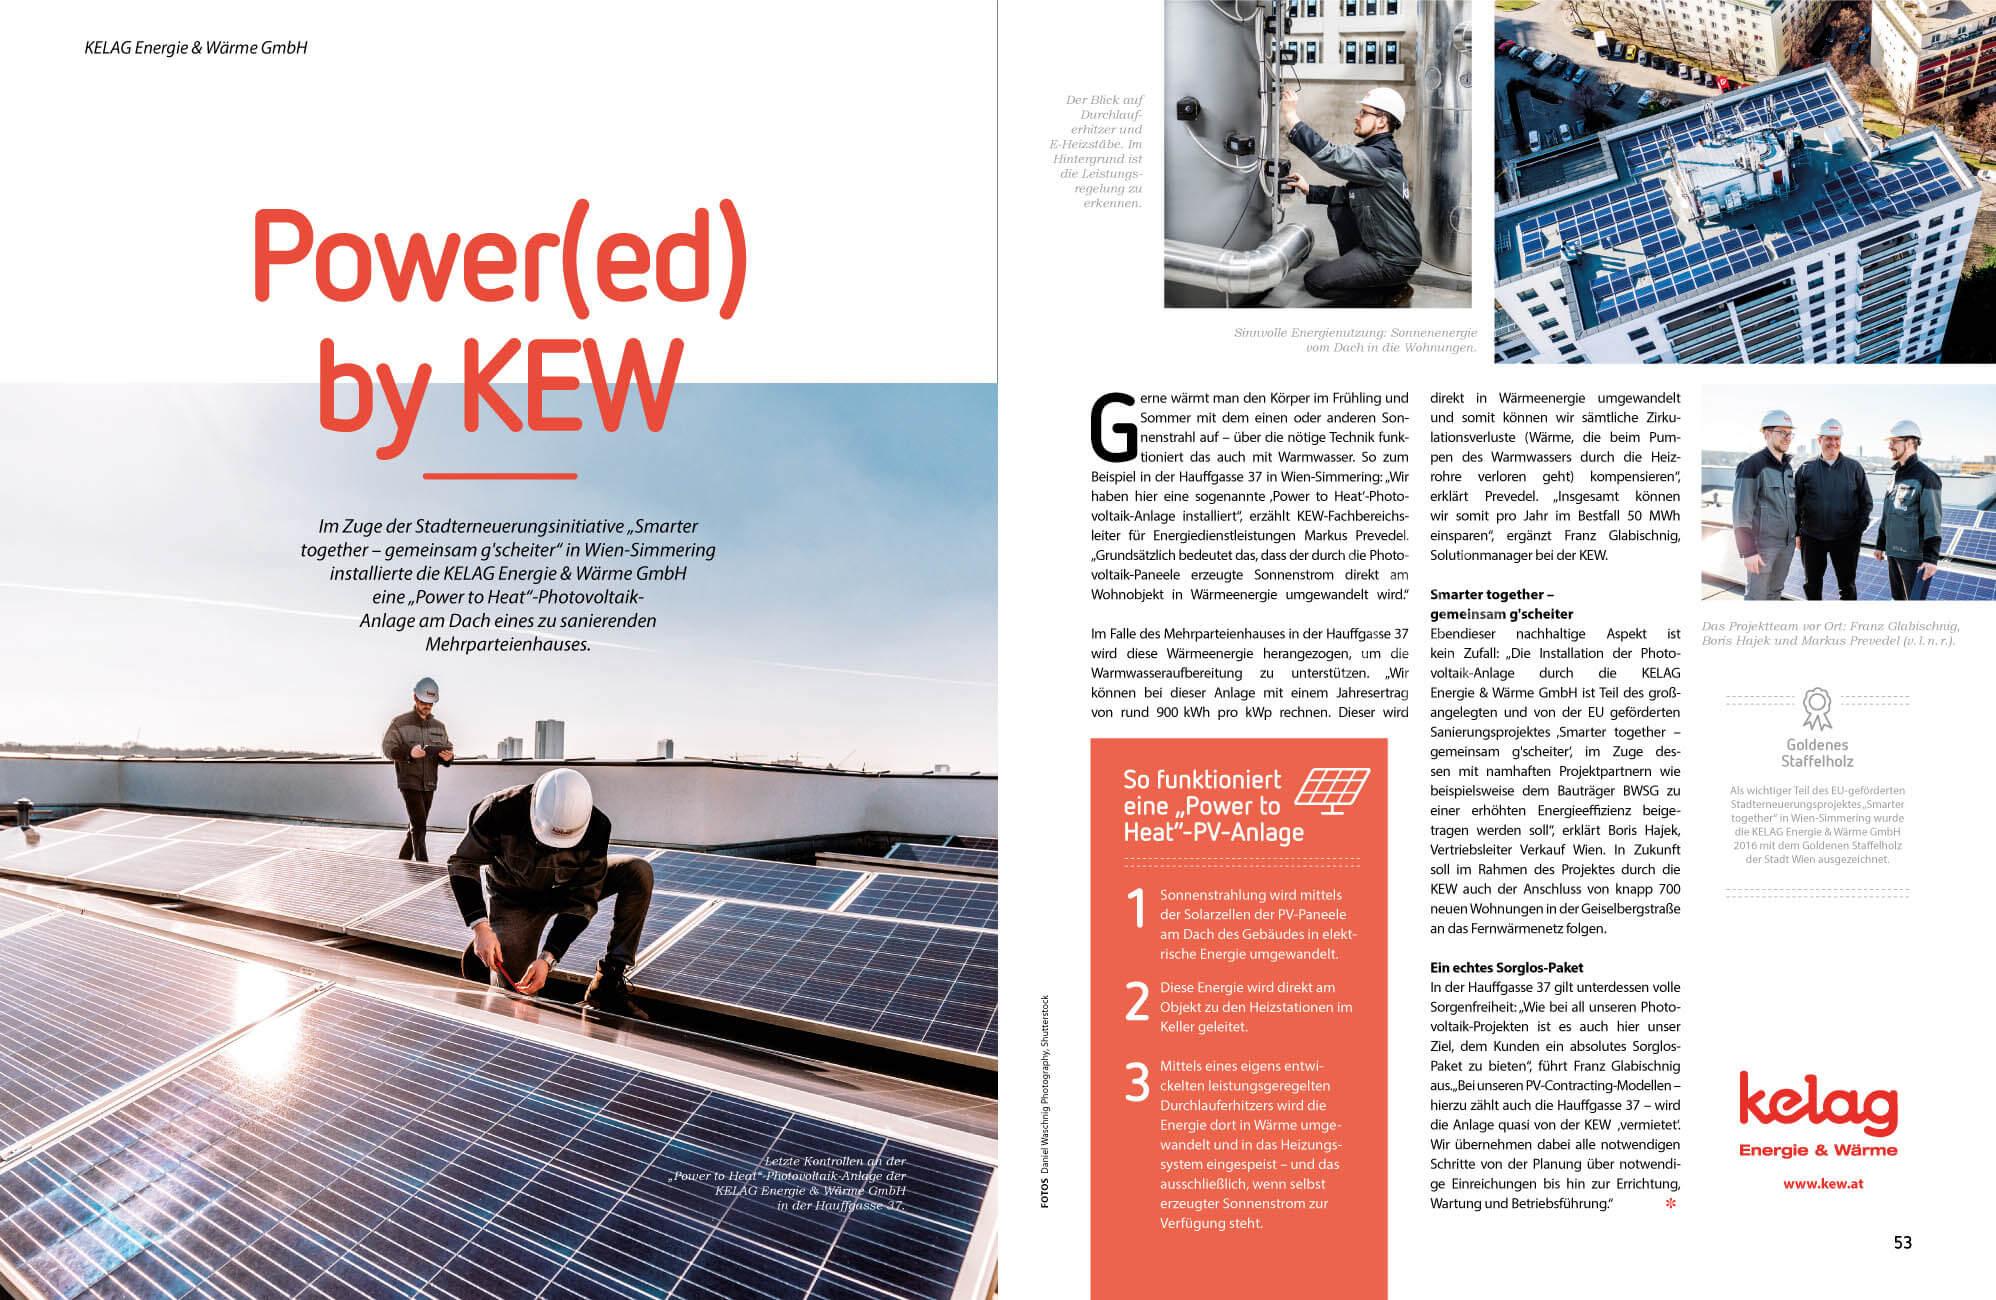 Photovoltaik Fotoshooting in Wien   Powered by Kelag Wärme